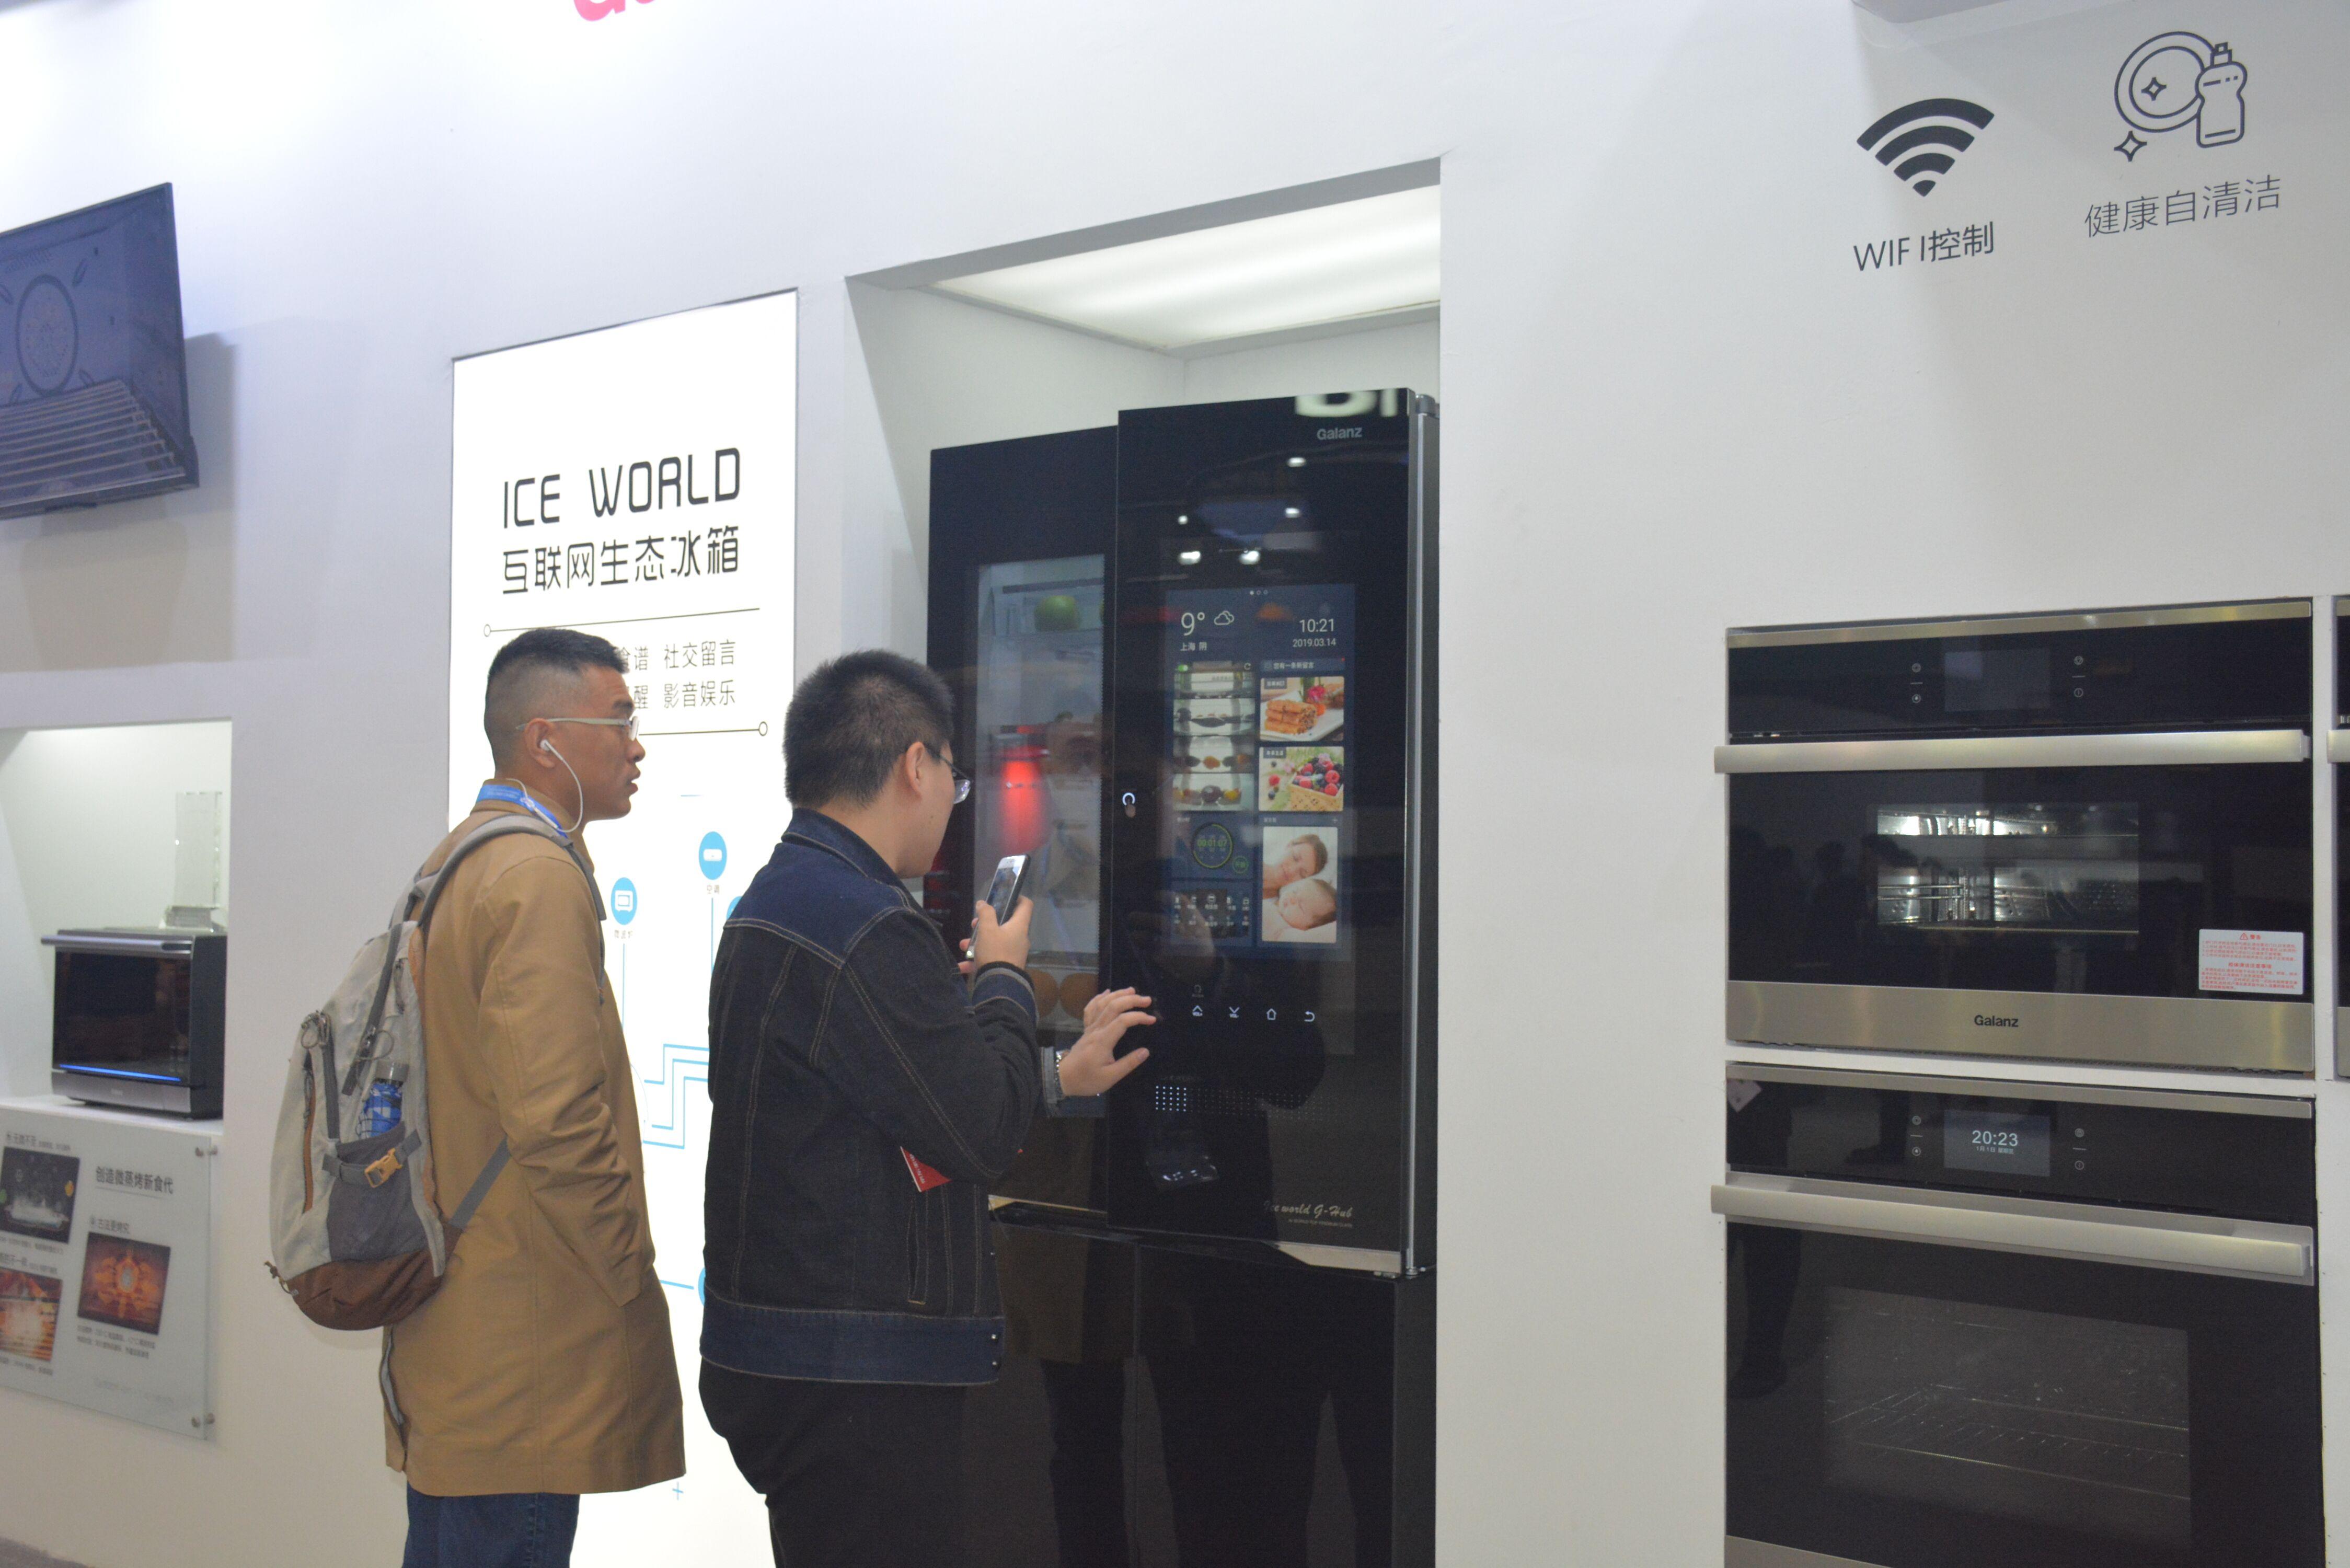 AWE直击最懂人情冷暖的国民智能家电:格兰仕发布ICEWORLD第三代互联网冰箱